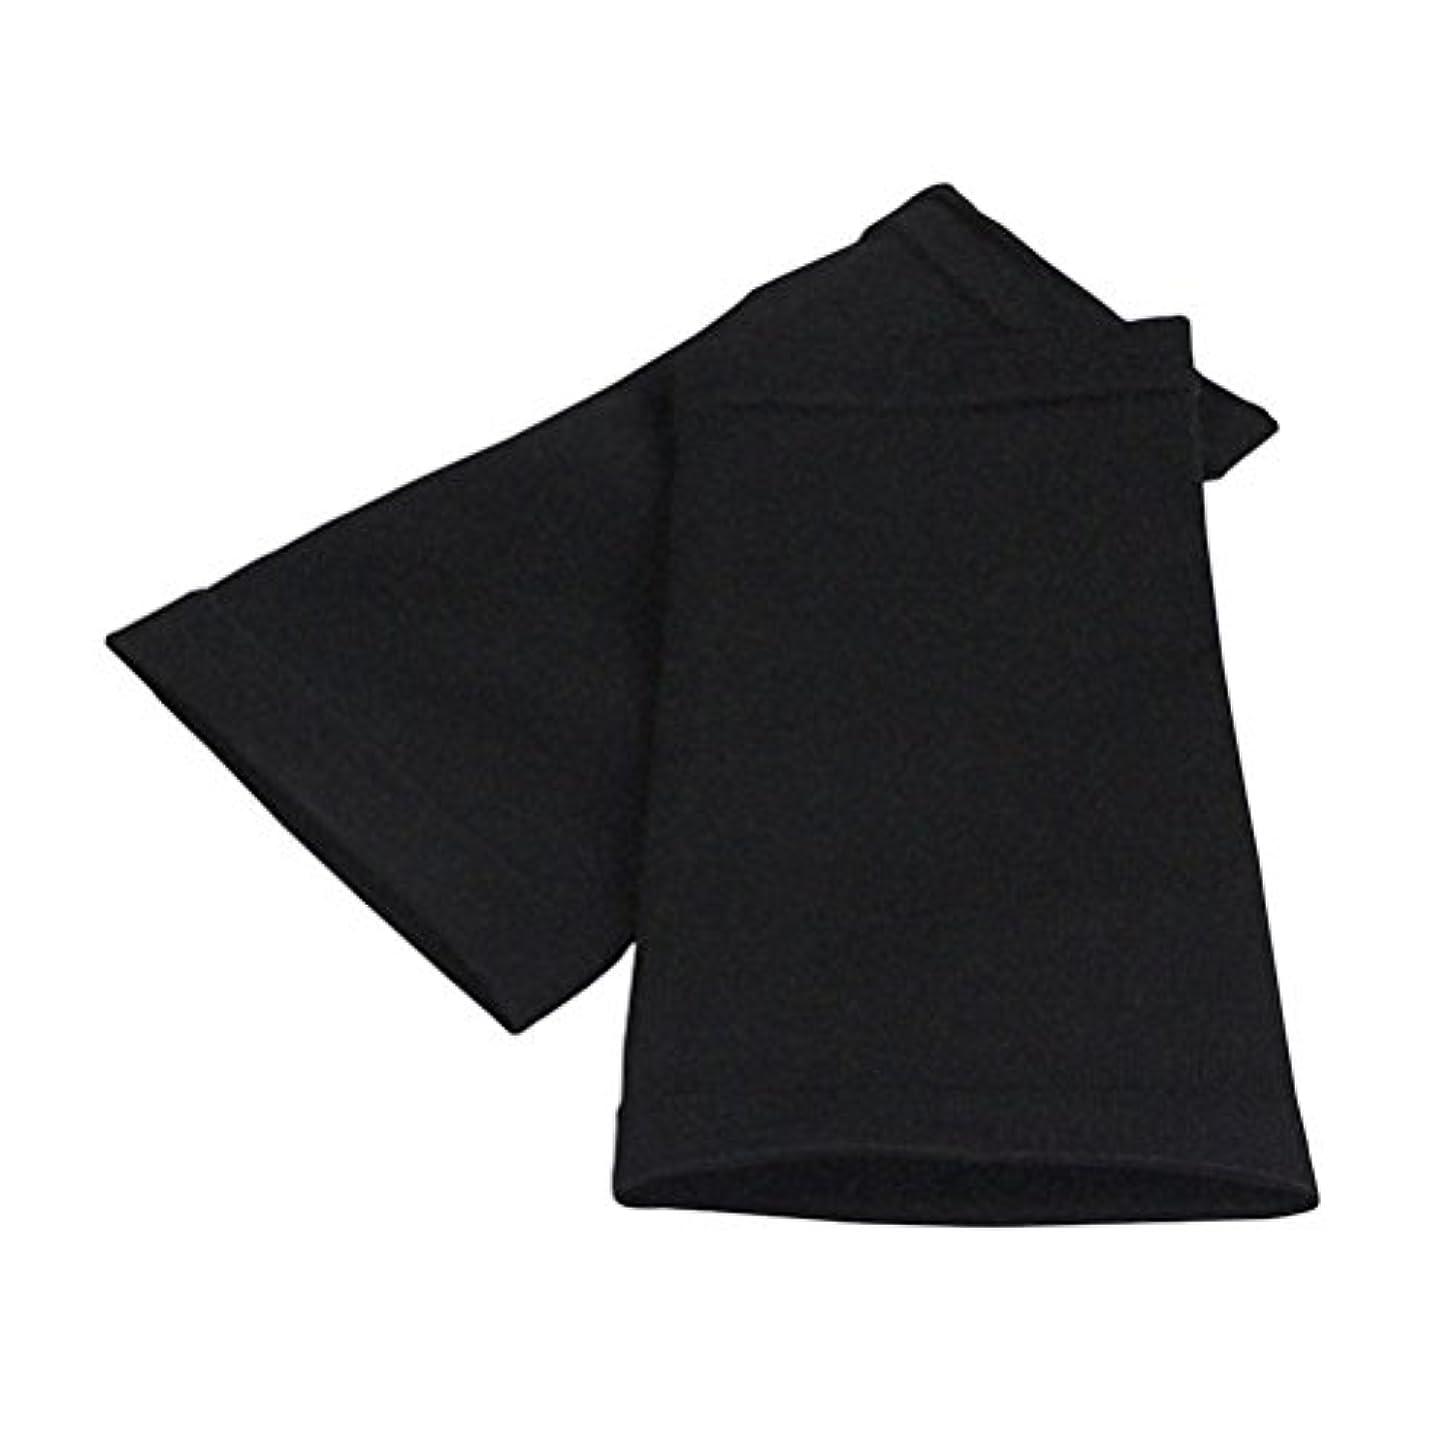 繊細スクレーパー平行ROSENICE アームスリーブ スポーツフィットネス用シェイパースリーブプロテクティブアッパーアームシェイパースリーブの改良(黒)